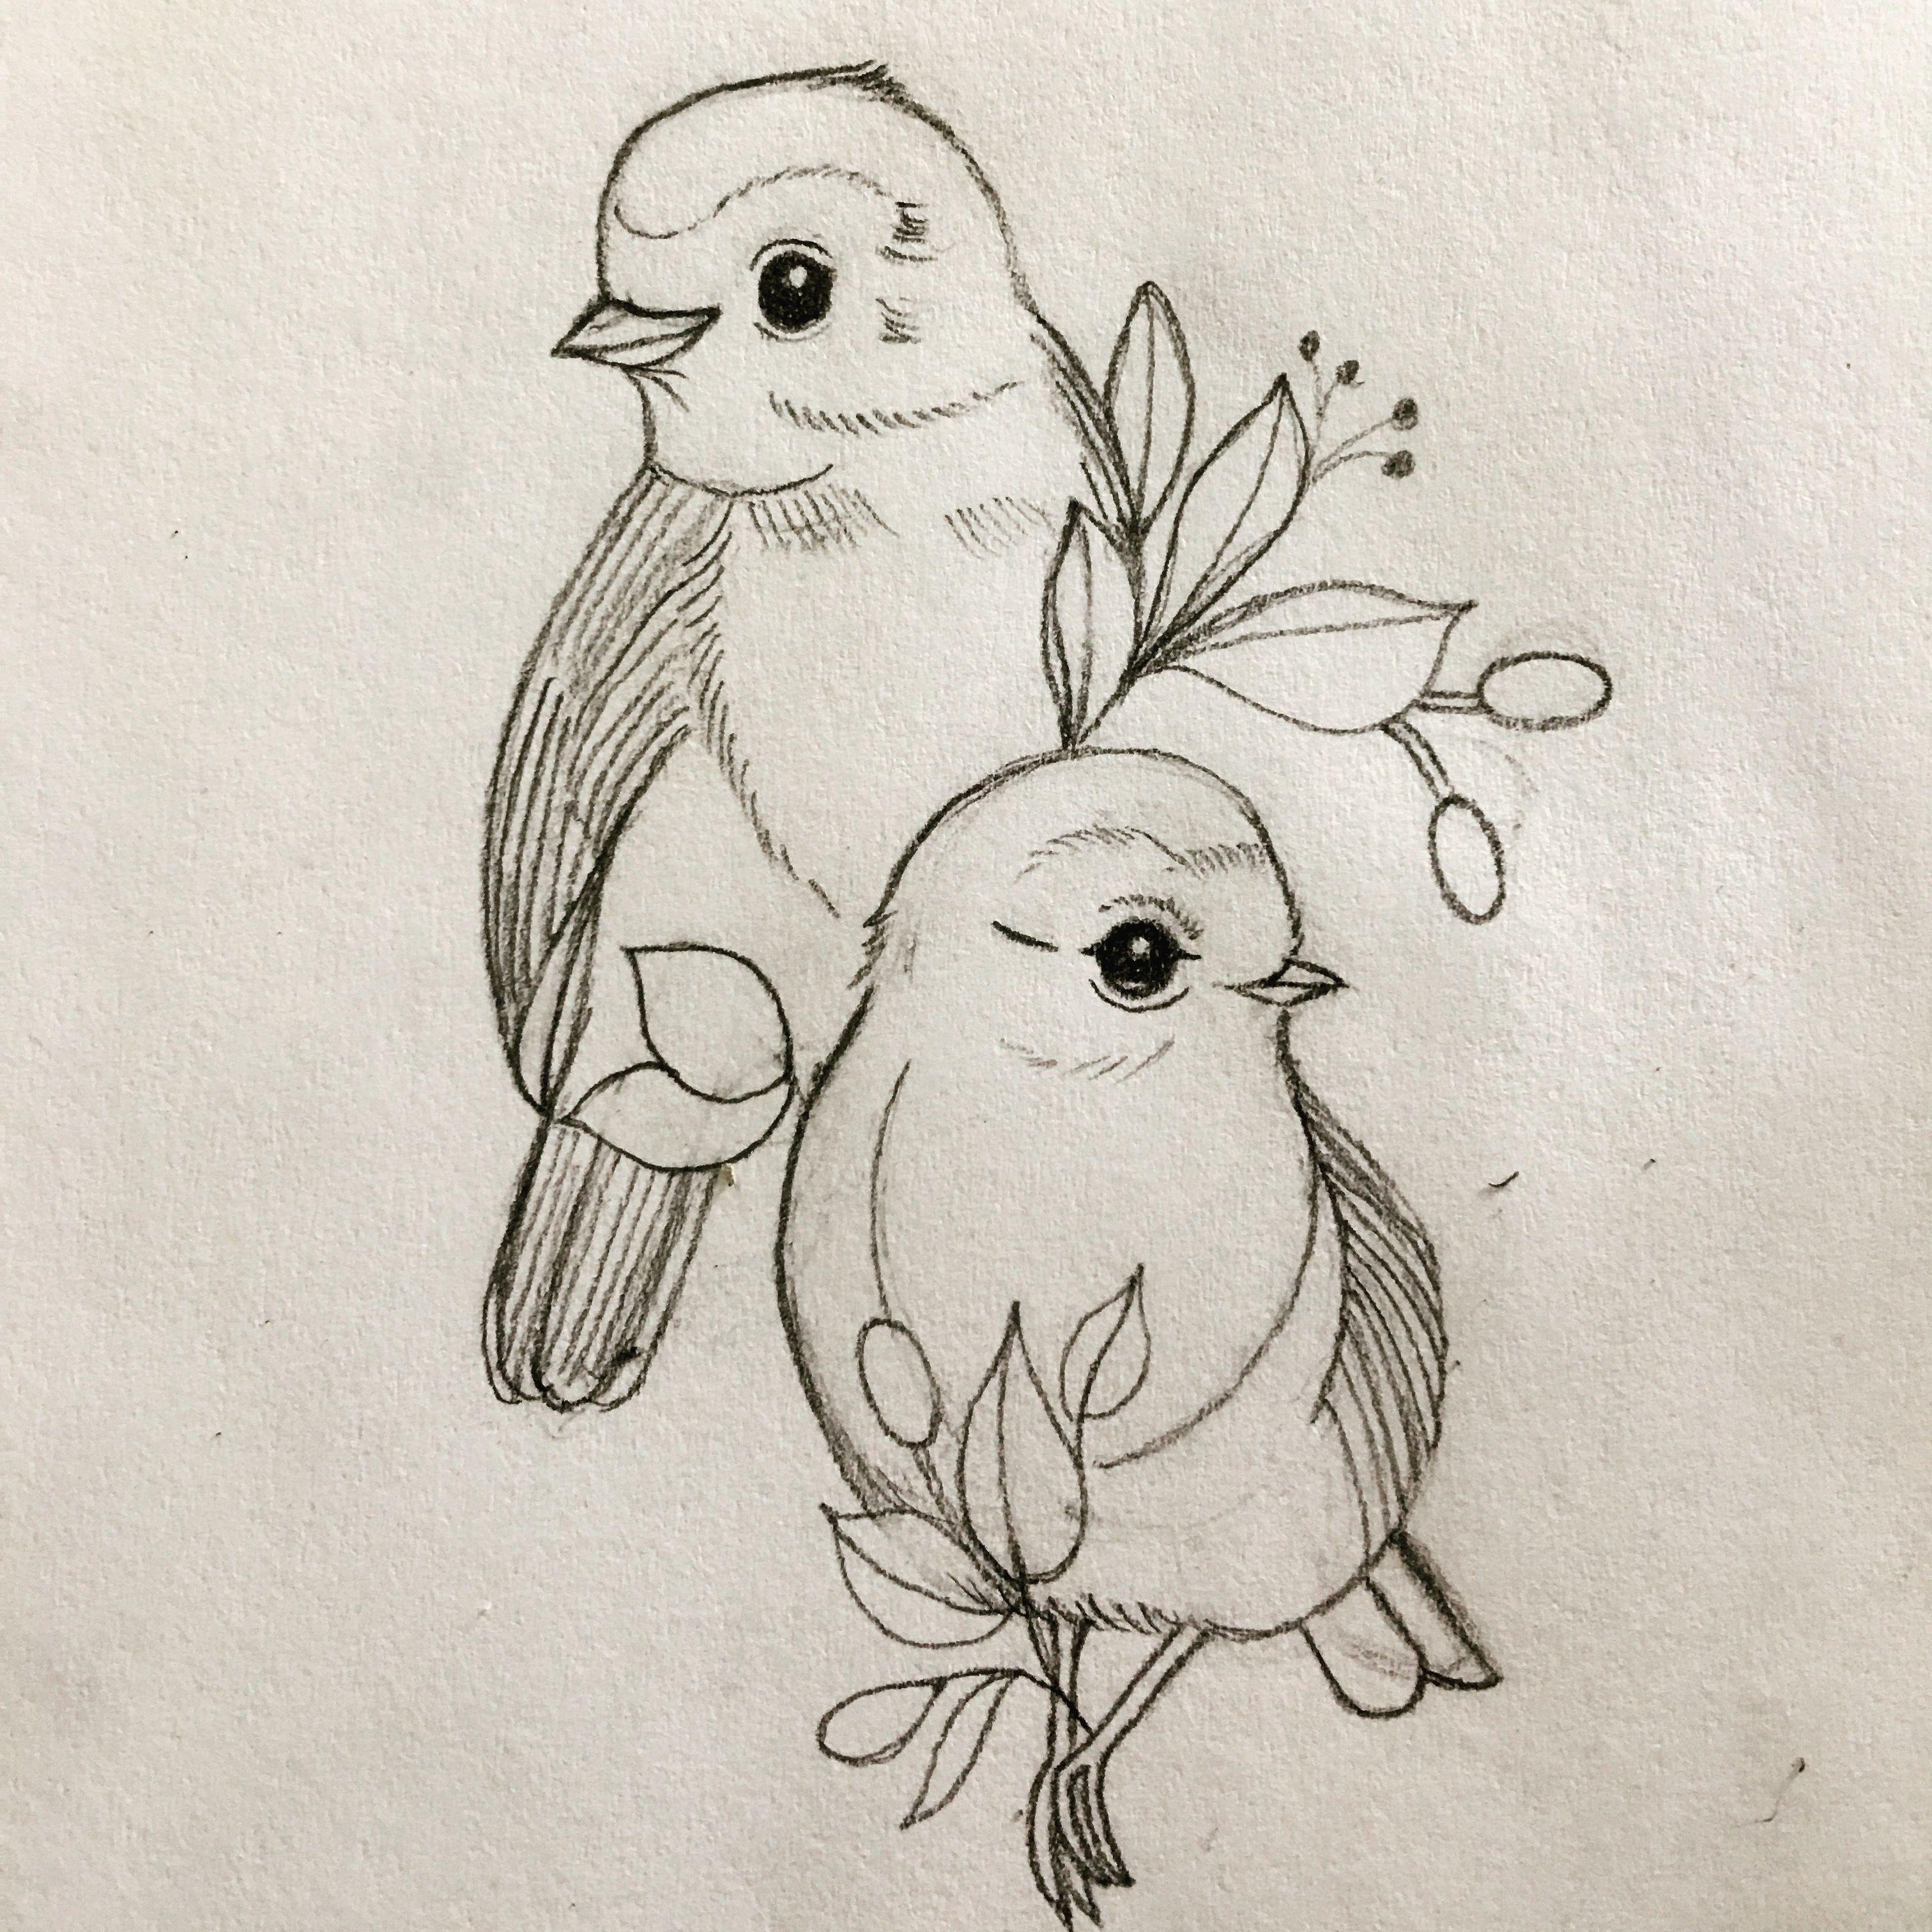 Рисунок птицы карандашом для срисовки